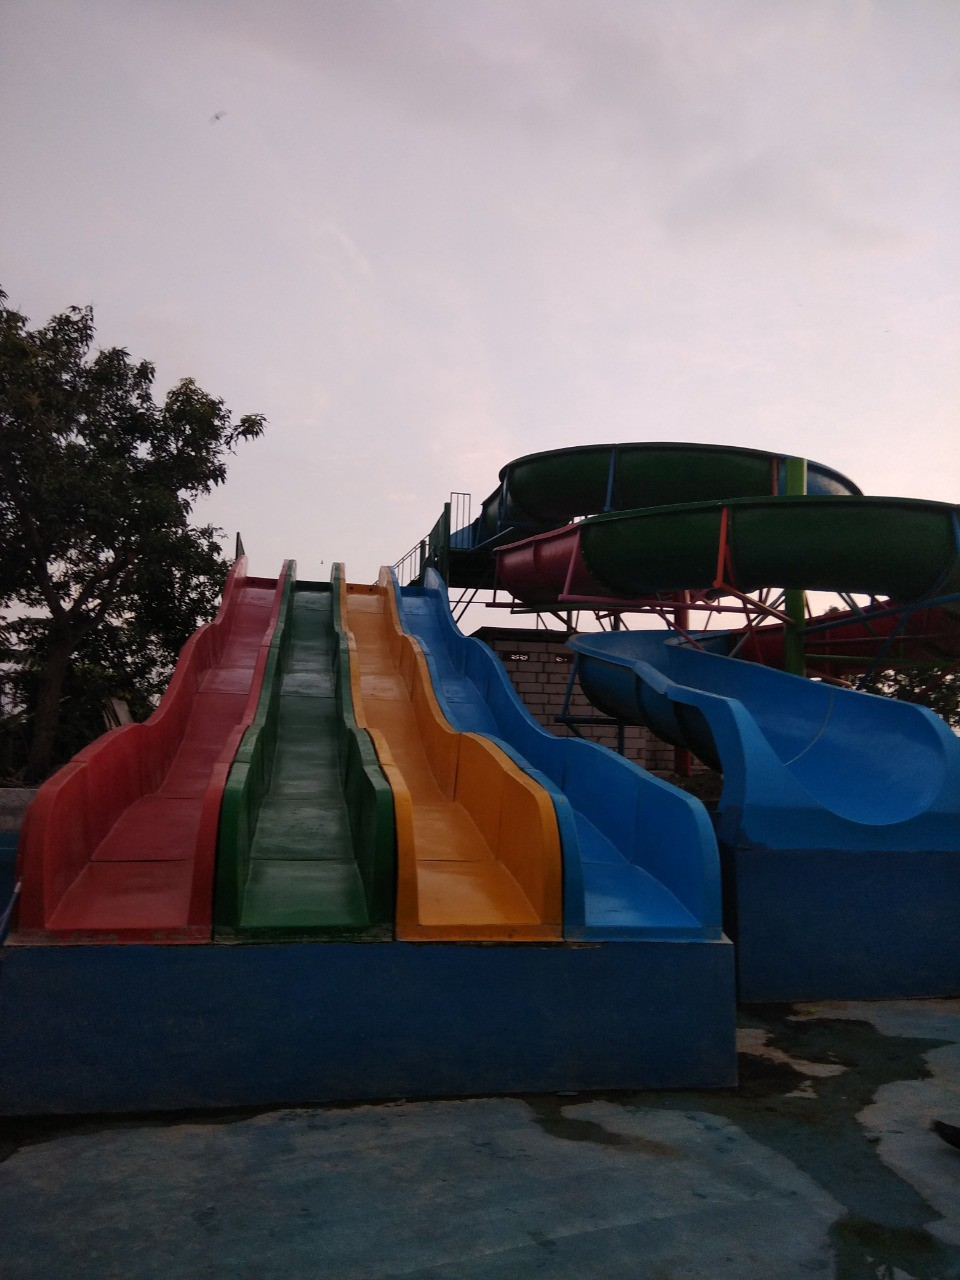 Kolam Renang Di Sidoarjo : kolam, renang, sidoarjo, 081225970086, Kontraktor, Kolam, Renang, Tangerang, Waterboom, Medium